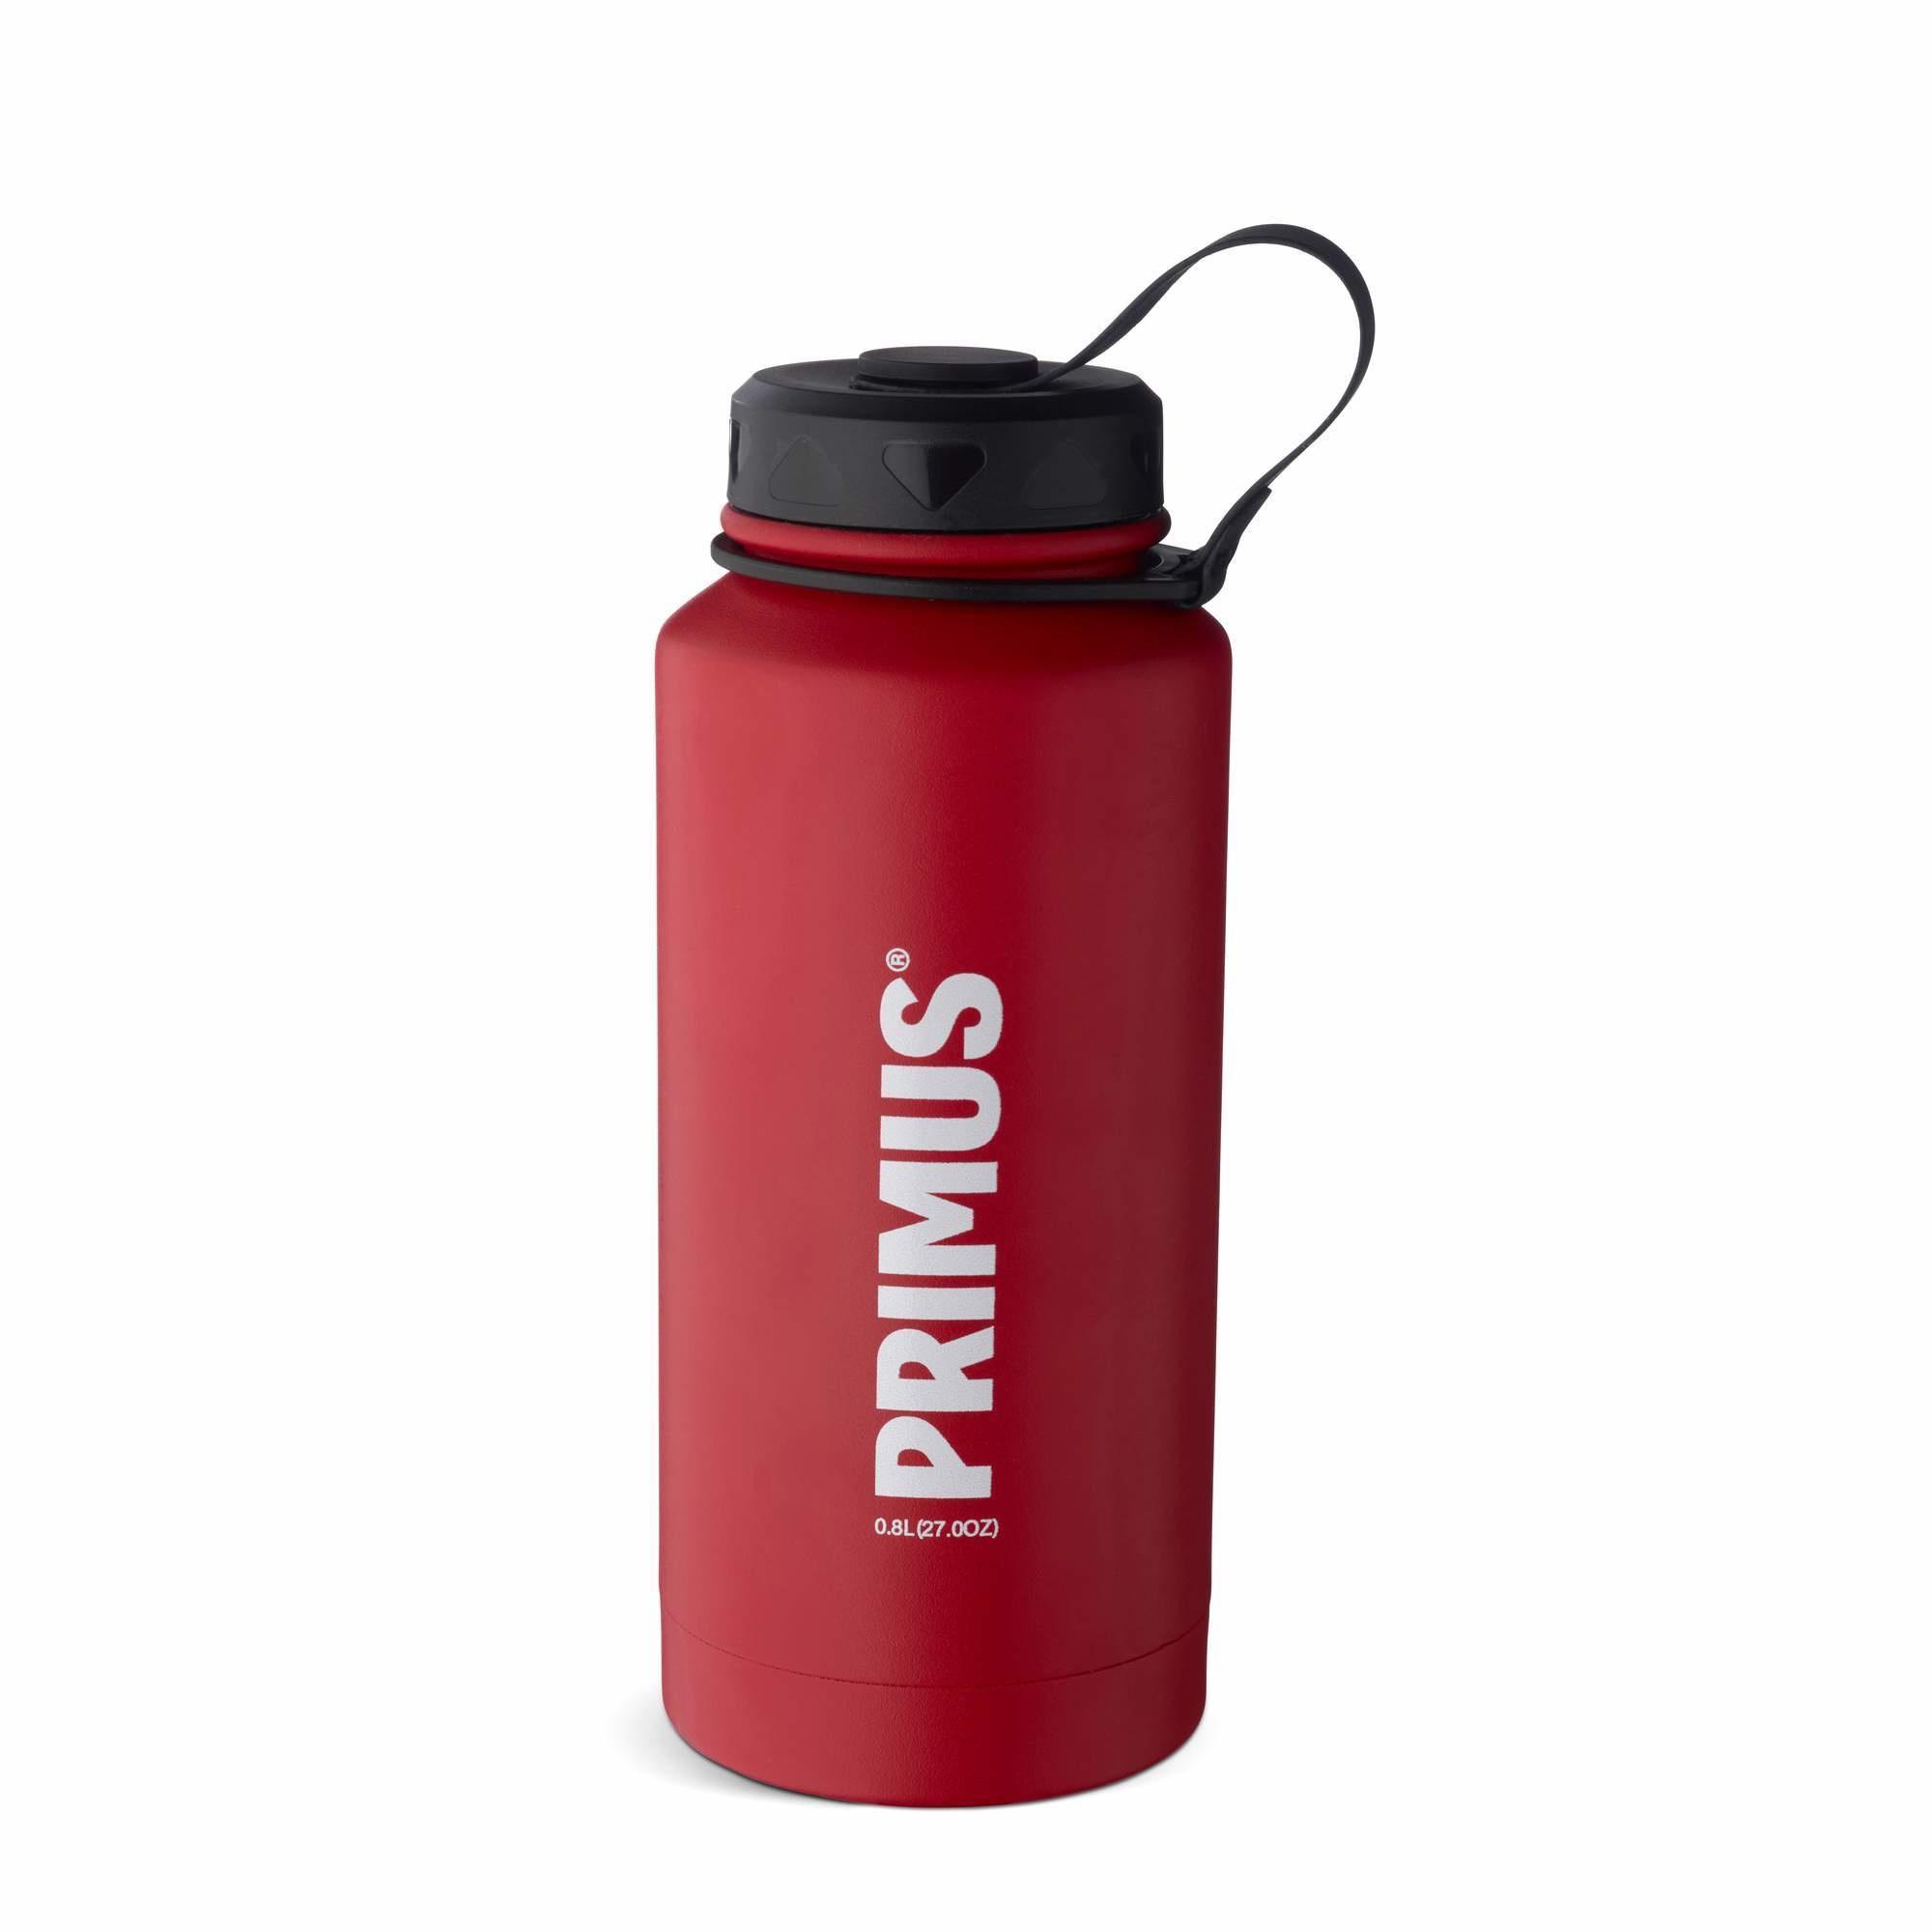 Primus TrailBottle Vacuum